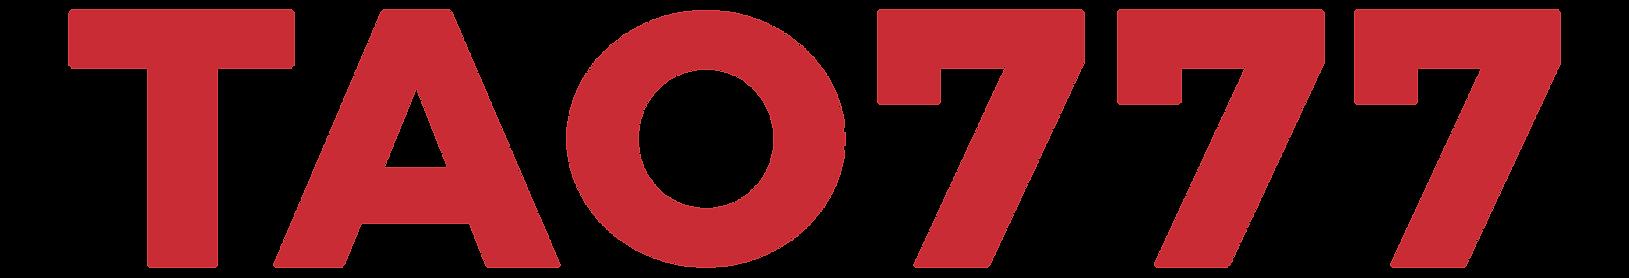 TAO777-3.png